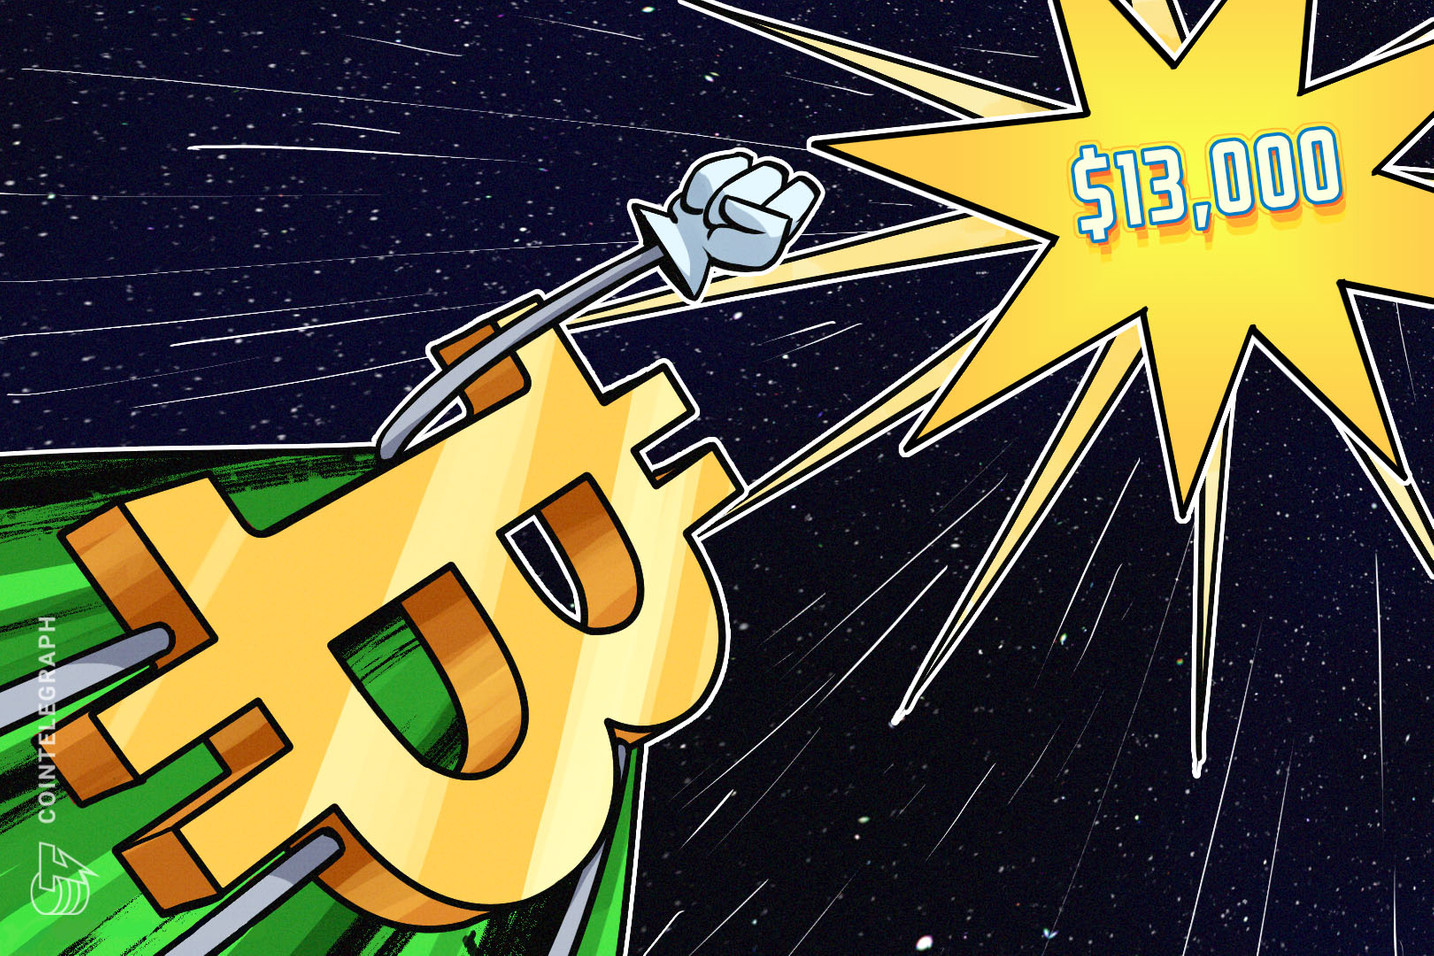 仮想通貨ビットコイン、一時1万3000ドル突破も 早朝1時間で2000ドル近く急落